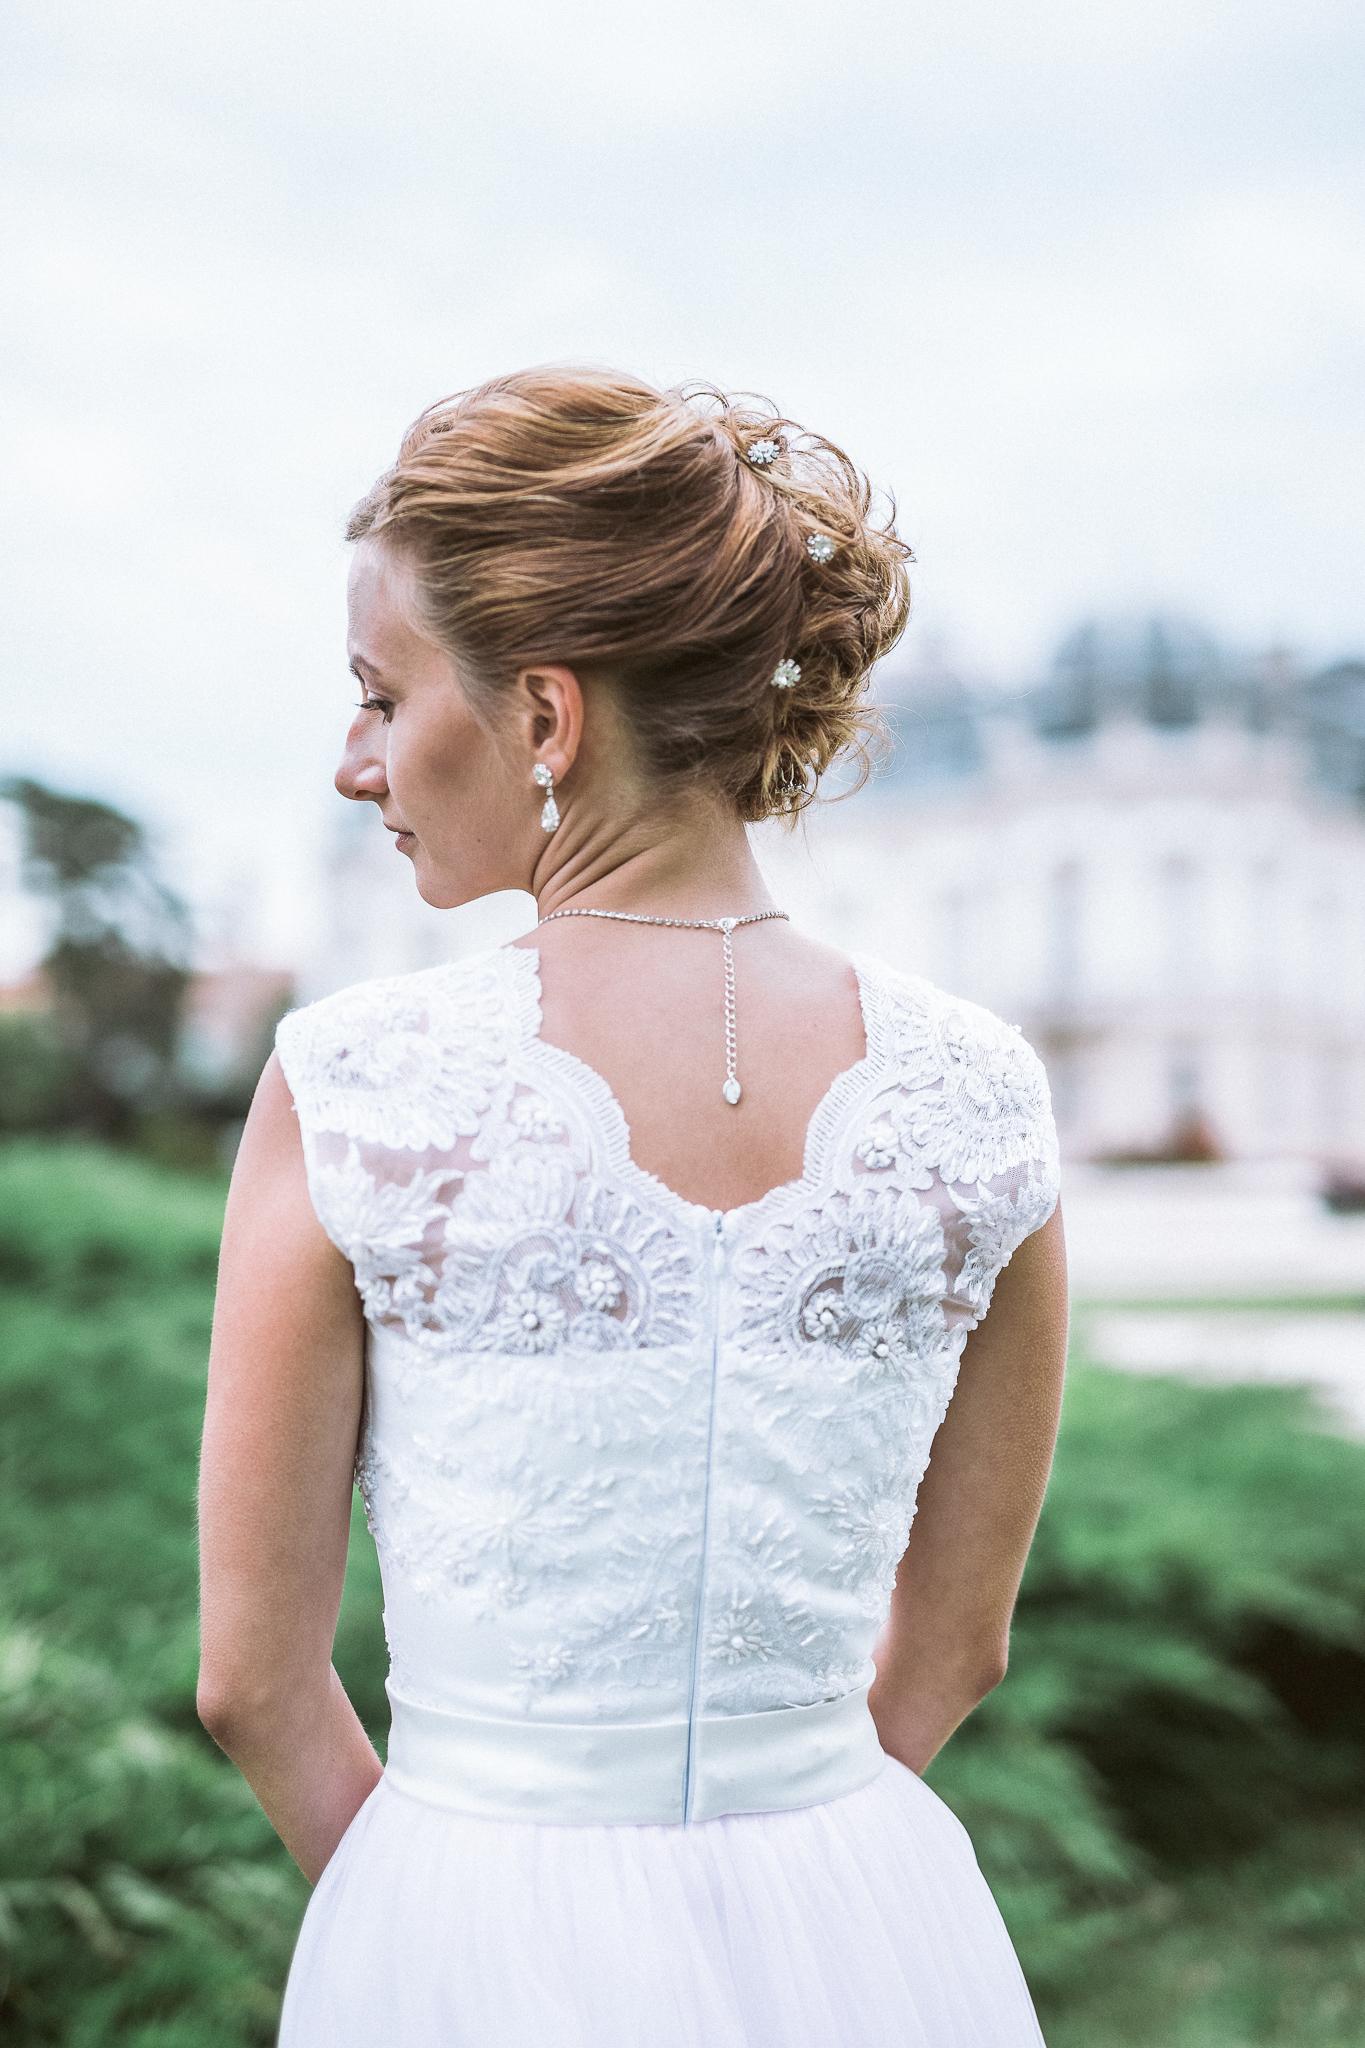 FylepPhoto, esküvőfotós, esküvői fotós Körmend, Szombathely, esküvőfotózás, magyarország, vas megye, prémium, jegyesfotózás, Fülöp Péter, körmend, kreatív, fotográfus_24-2.jpg